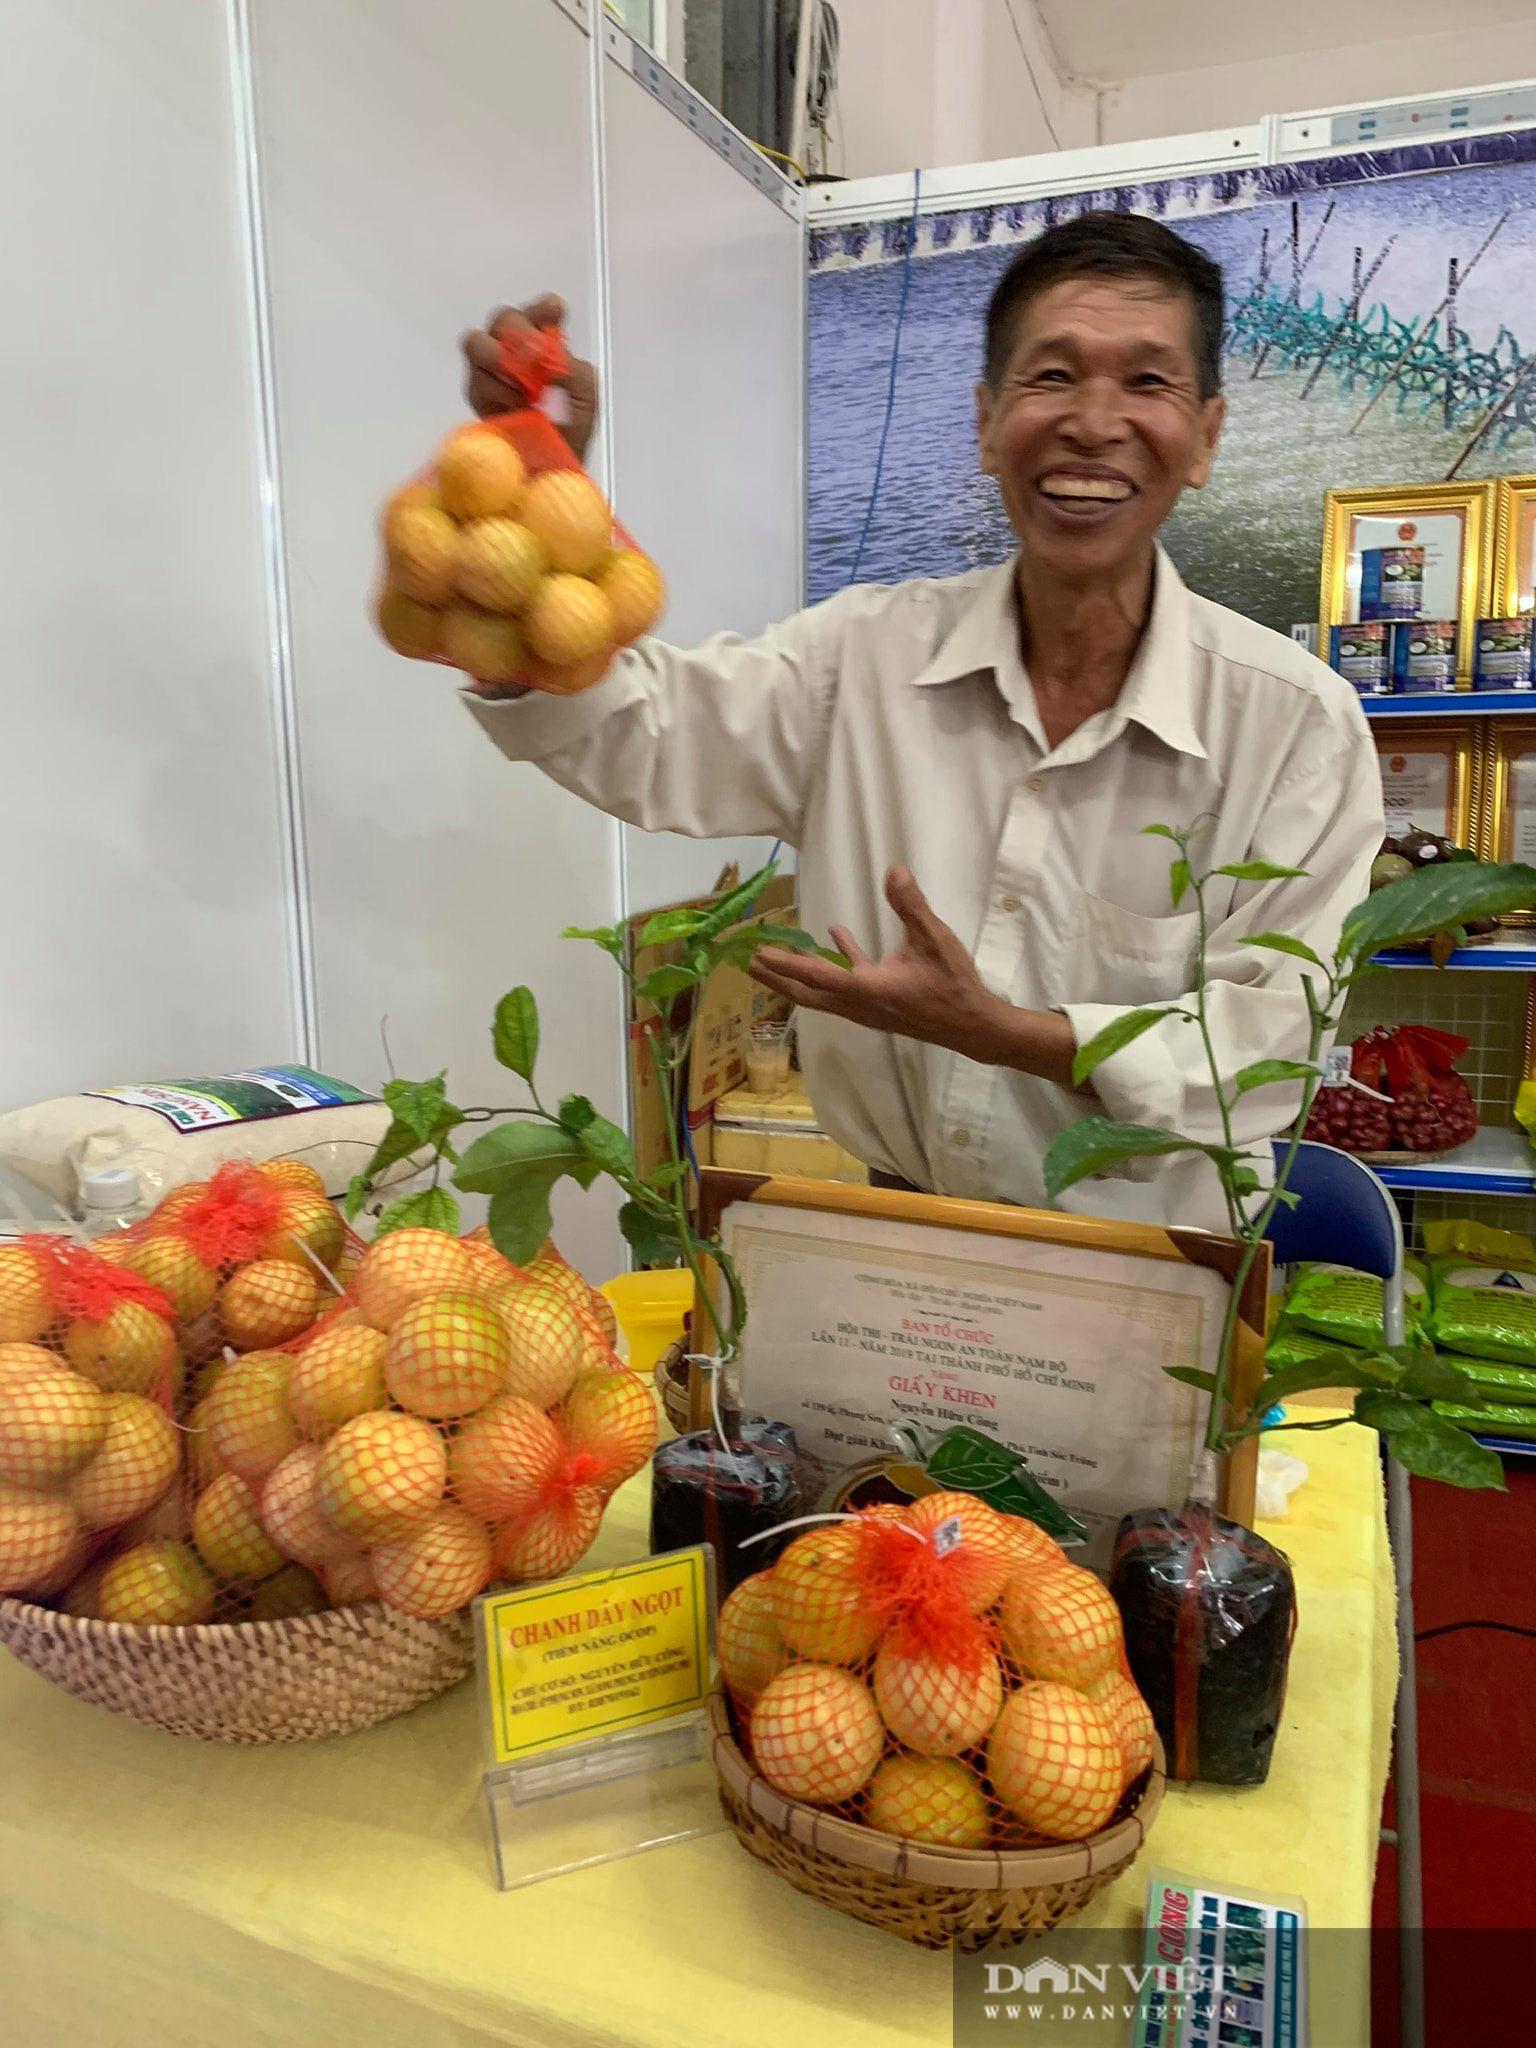 Ông nông dân tỉnh Sóc Trăng trồng thứ chanh leo lạ, nhìn xa tưởng xoài, ăn vô ngọt mát, thơm nức mũi